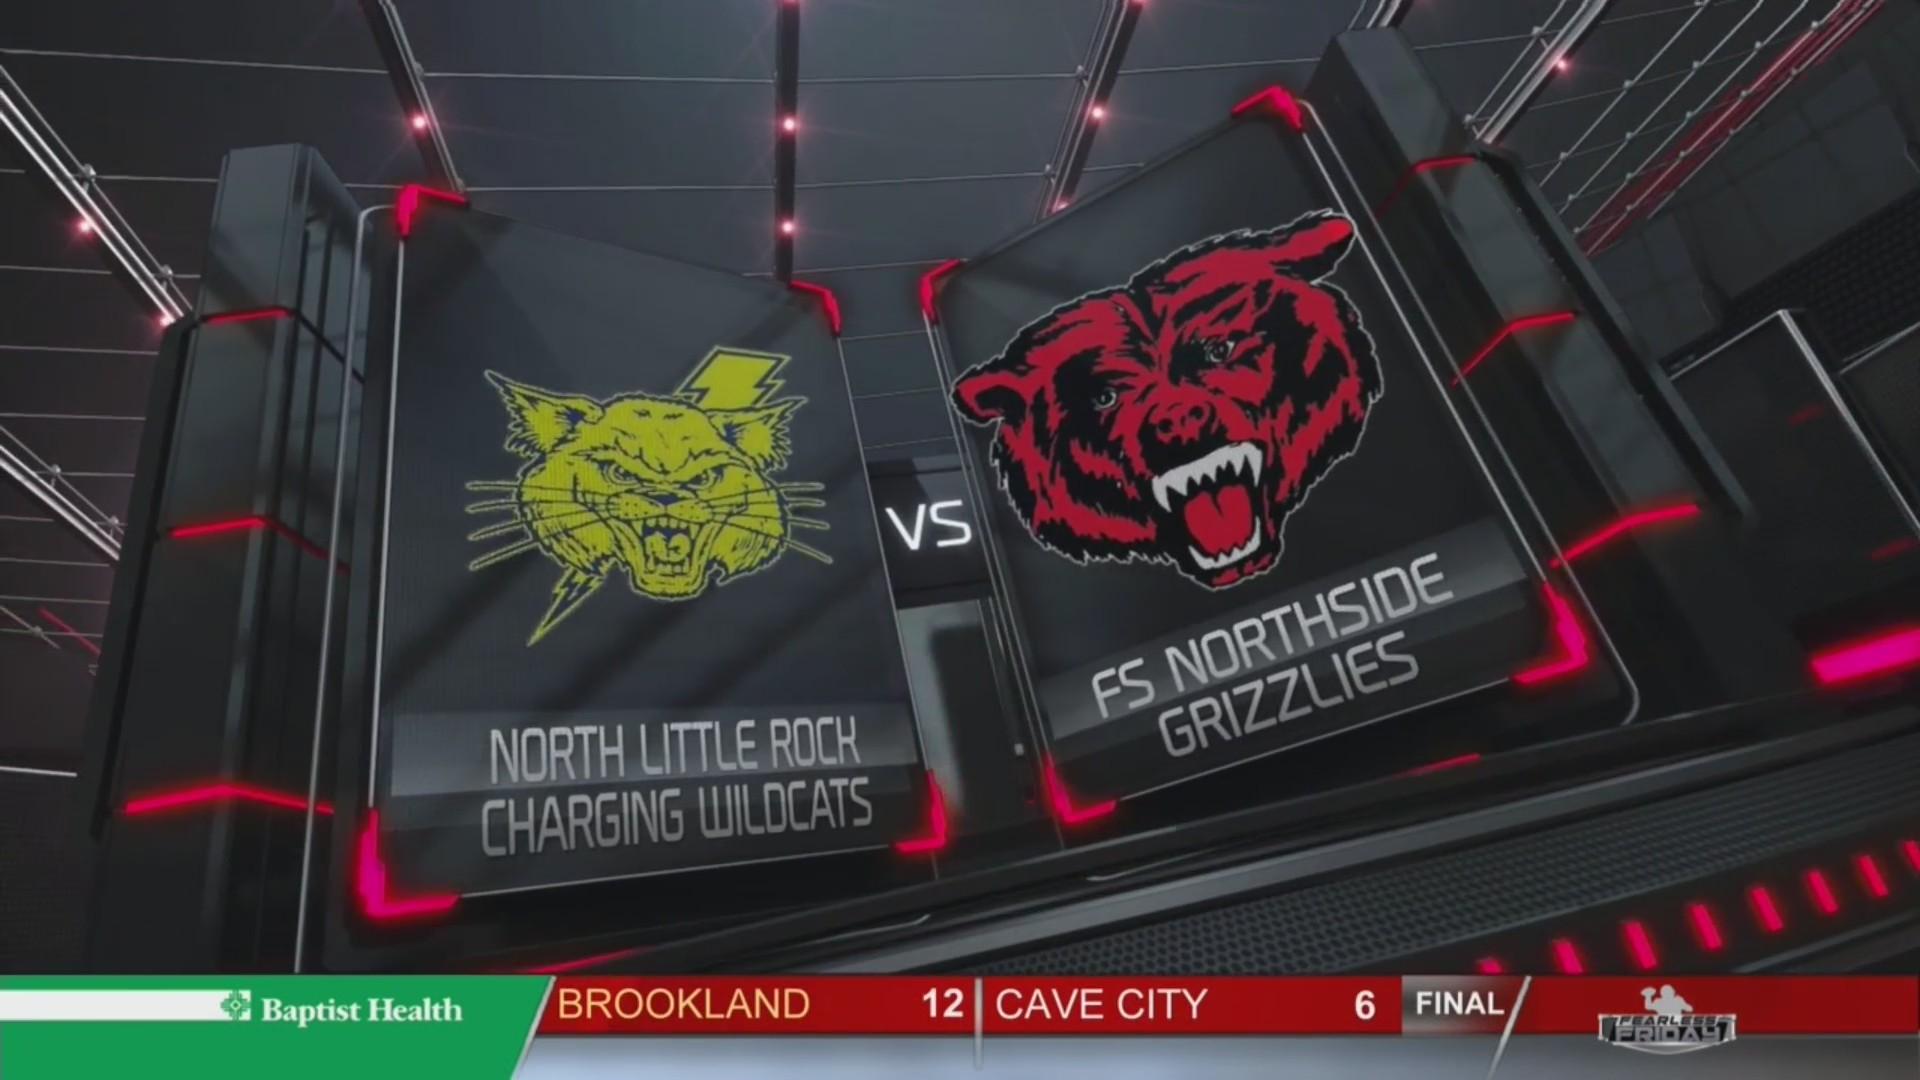 North_Little_Rock_vs__FS_Northside_0_20181020045759